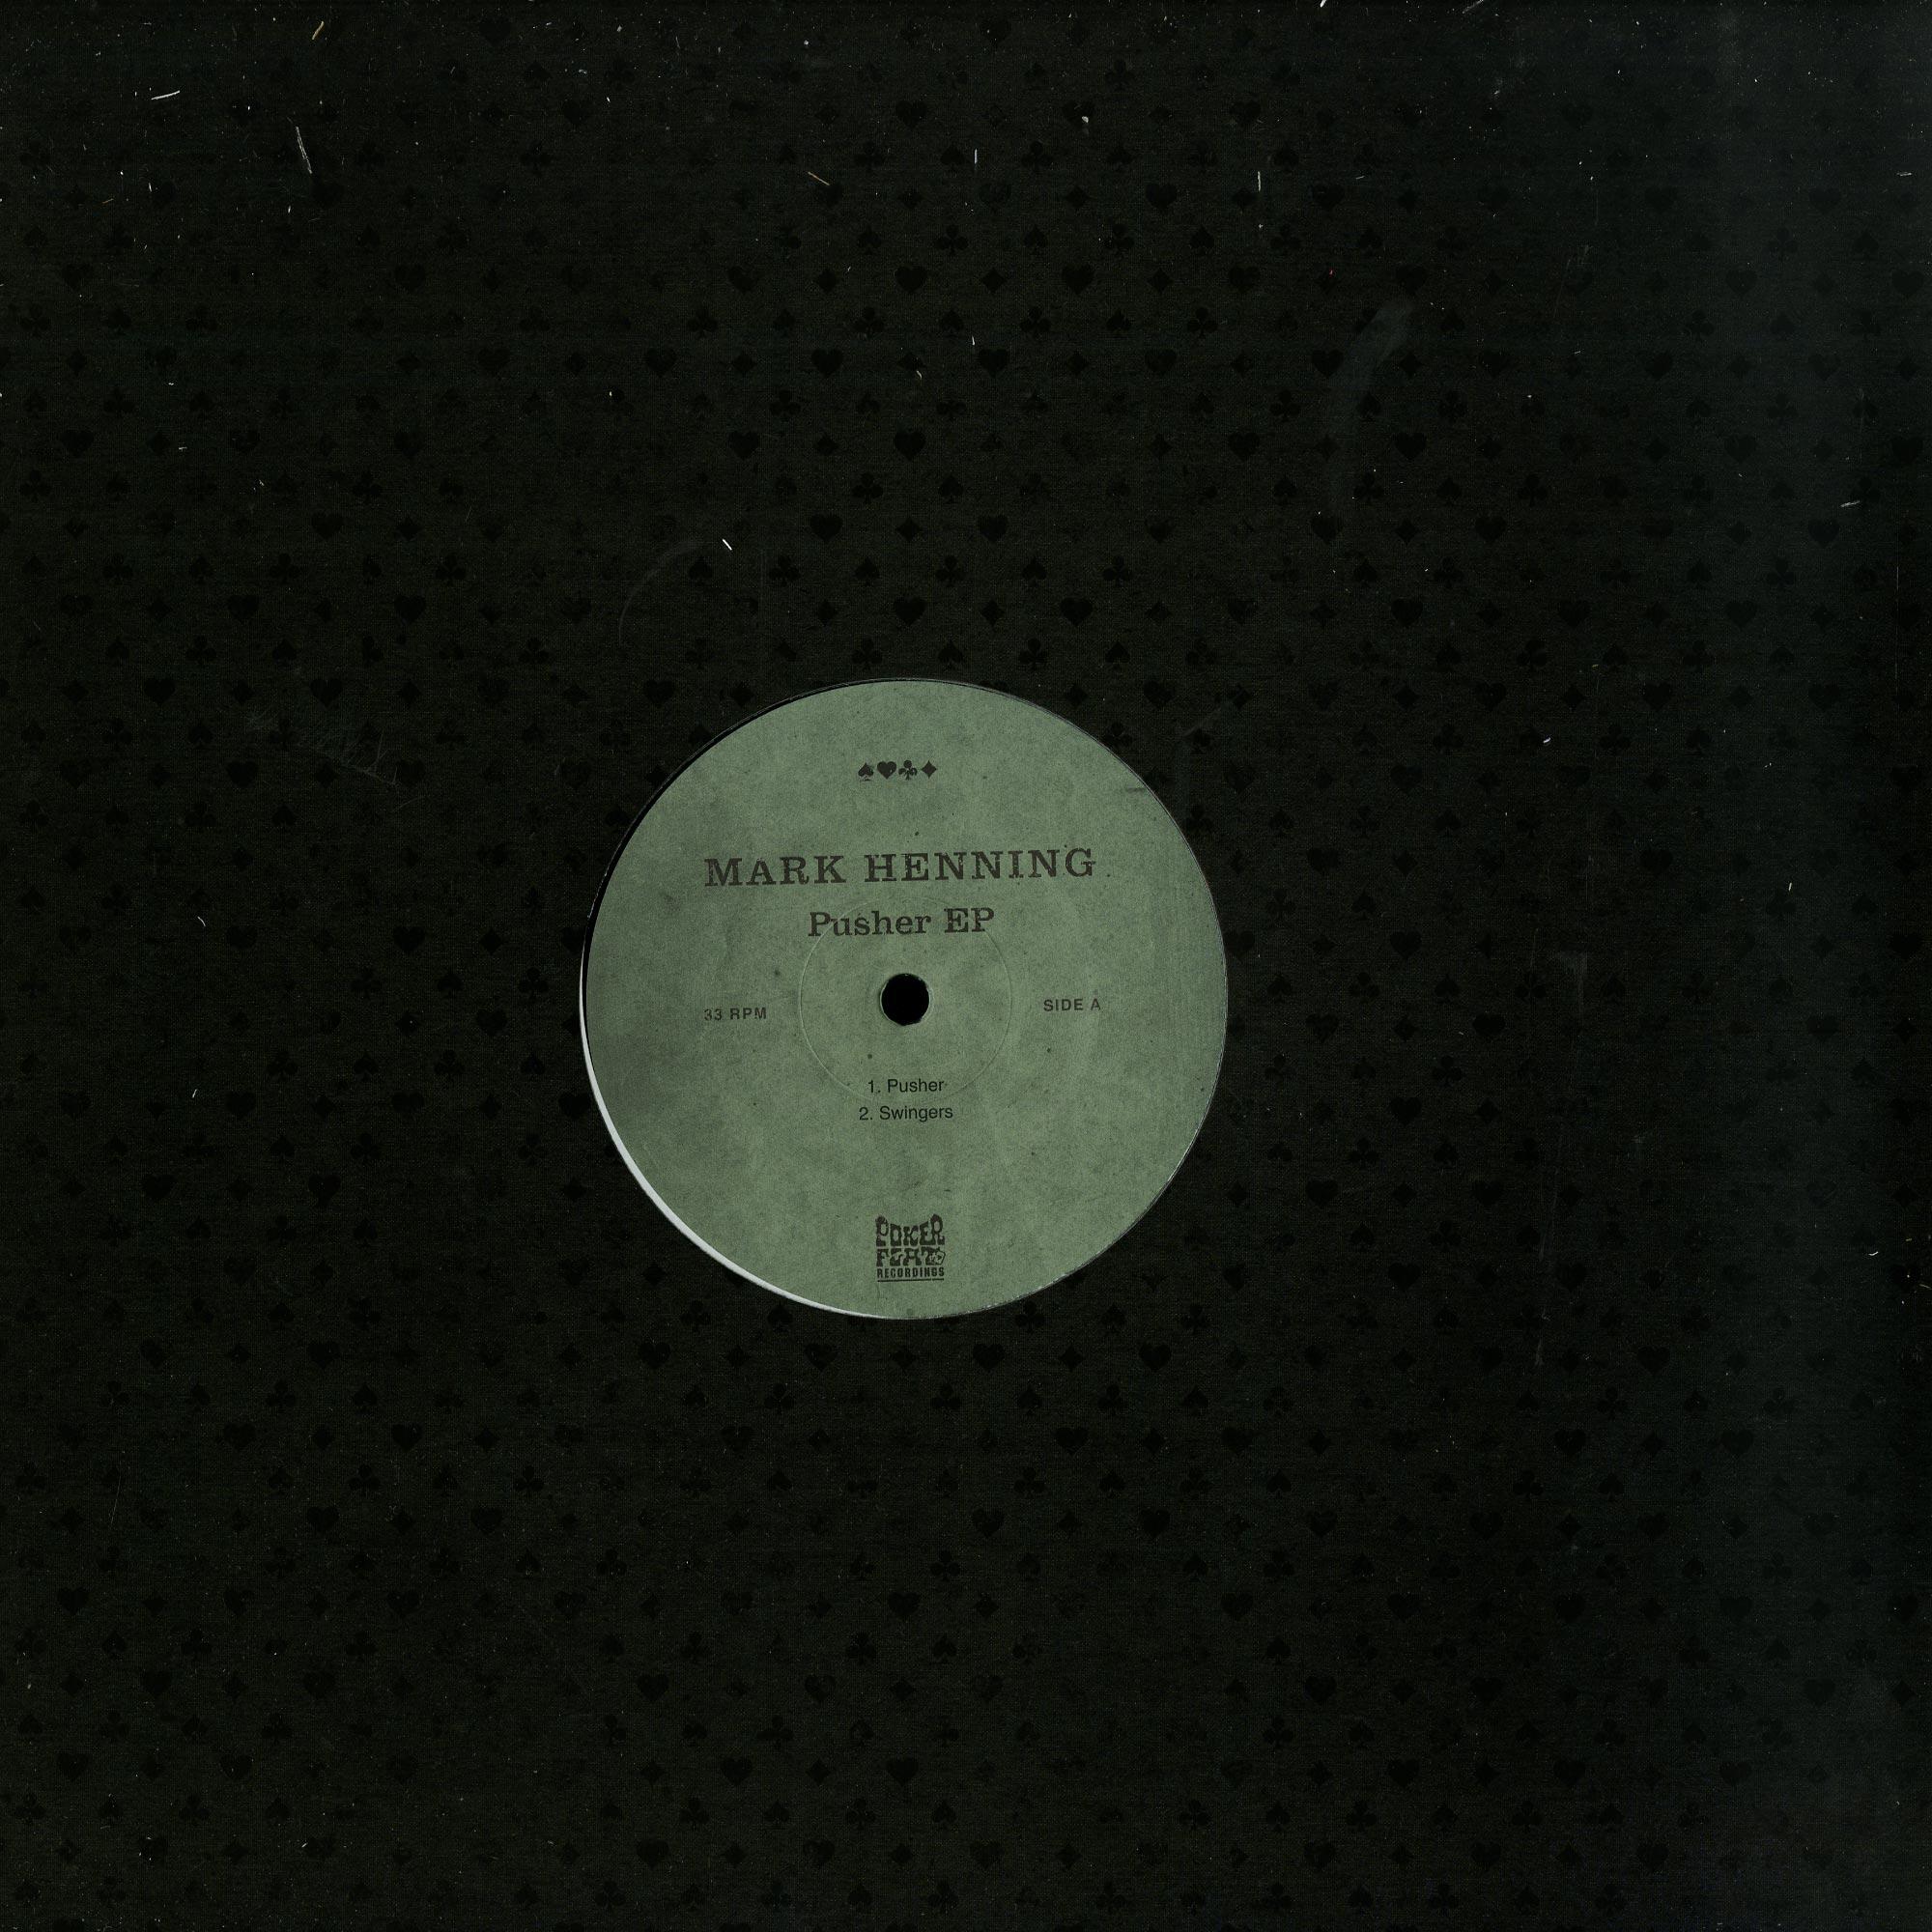 Mark Henning - PUSHER EP